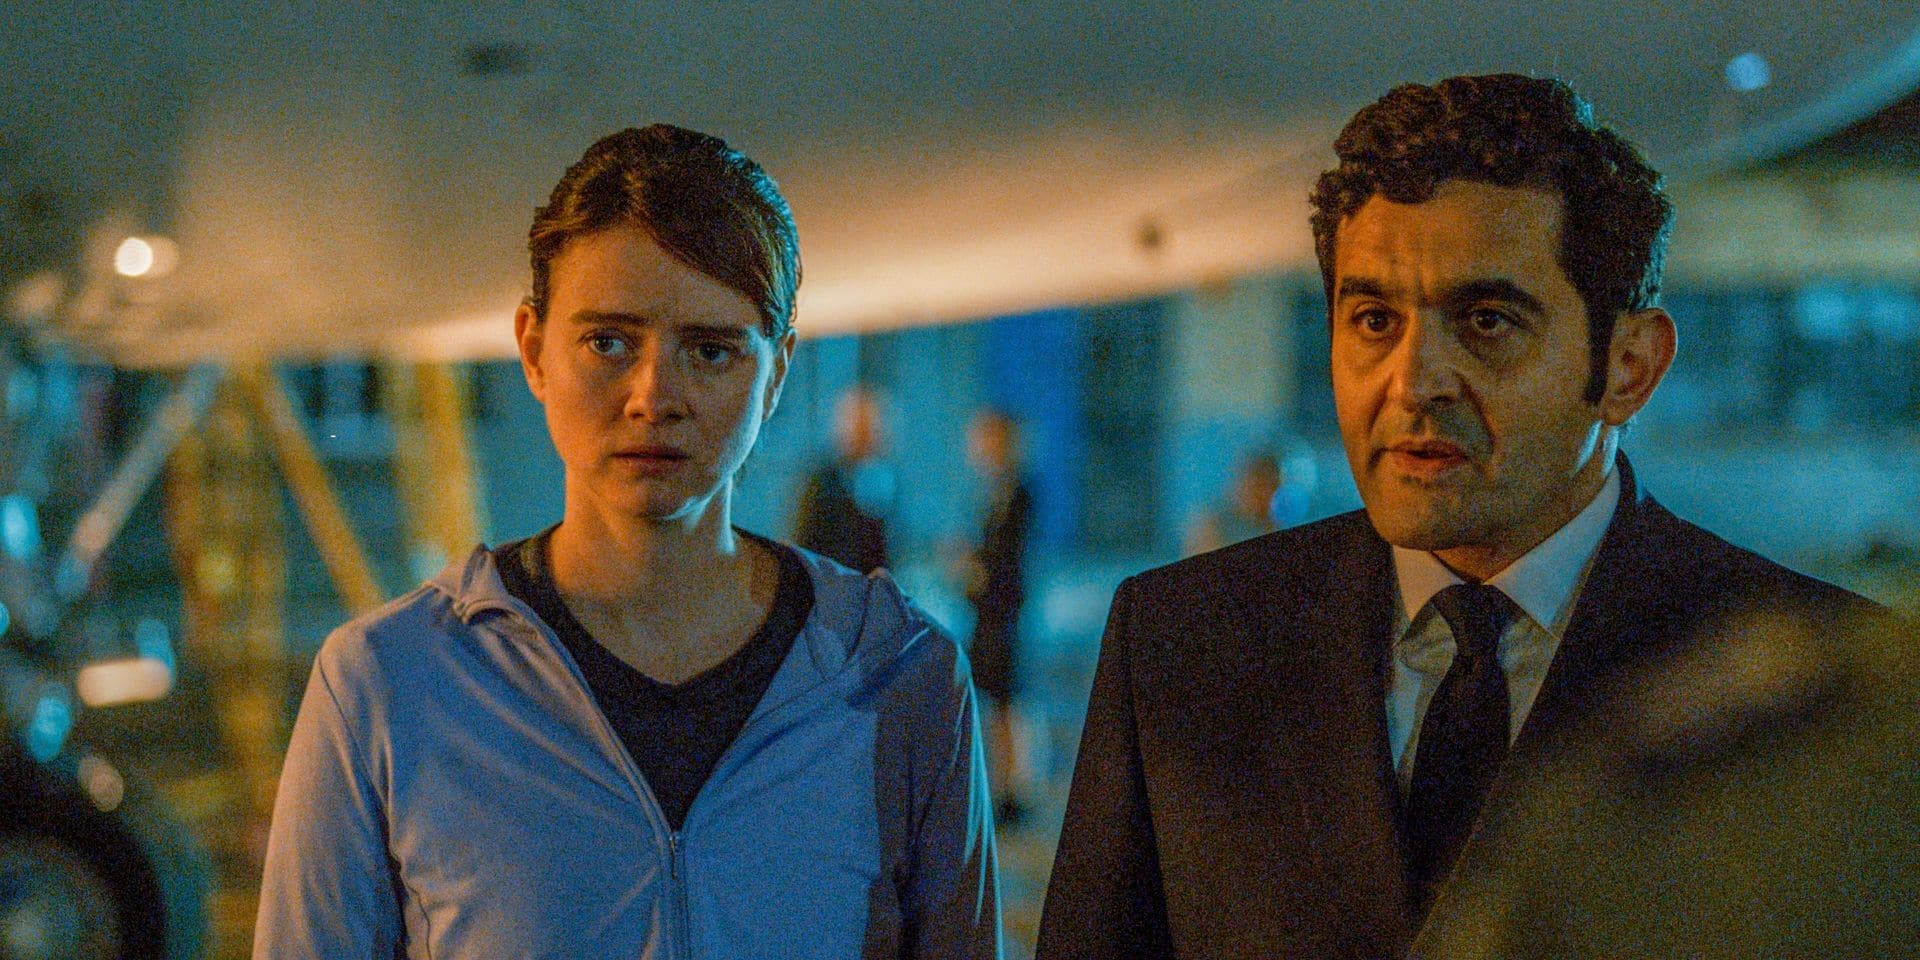 La série belge Into the Night en tête des audiences sur Netflix dans notre pays